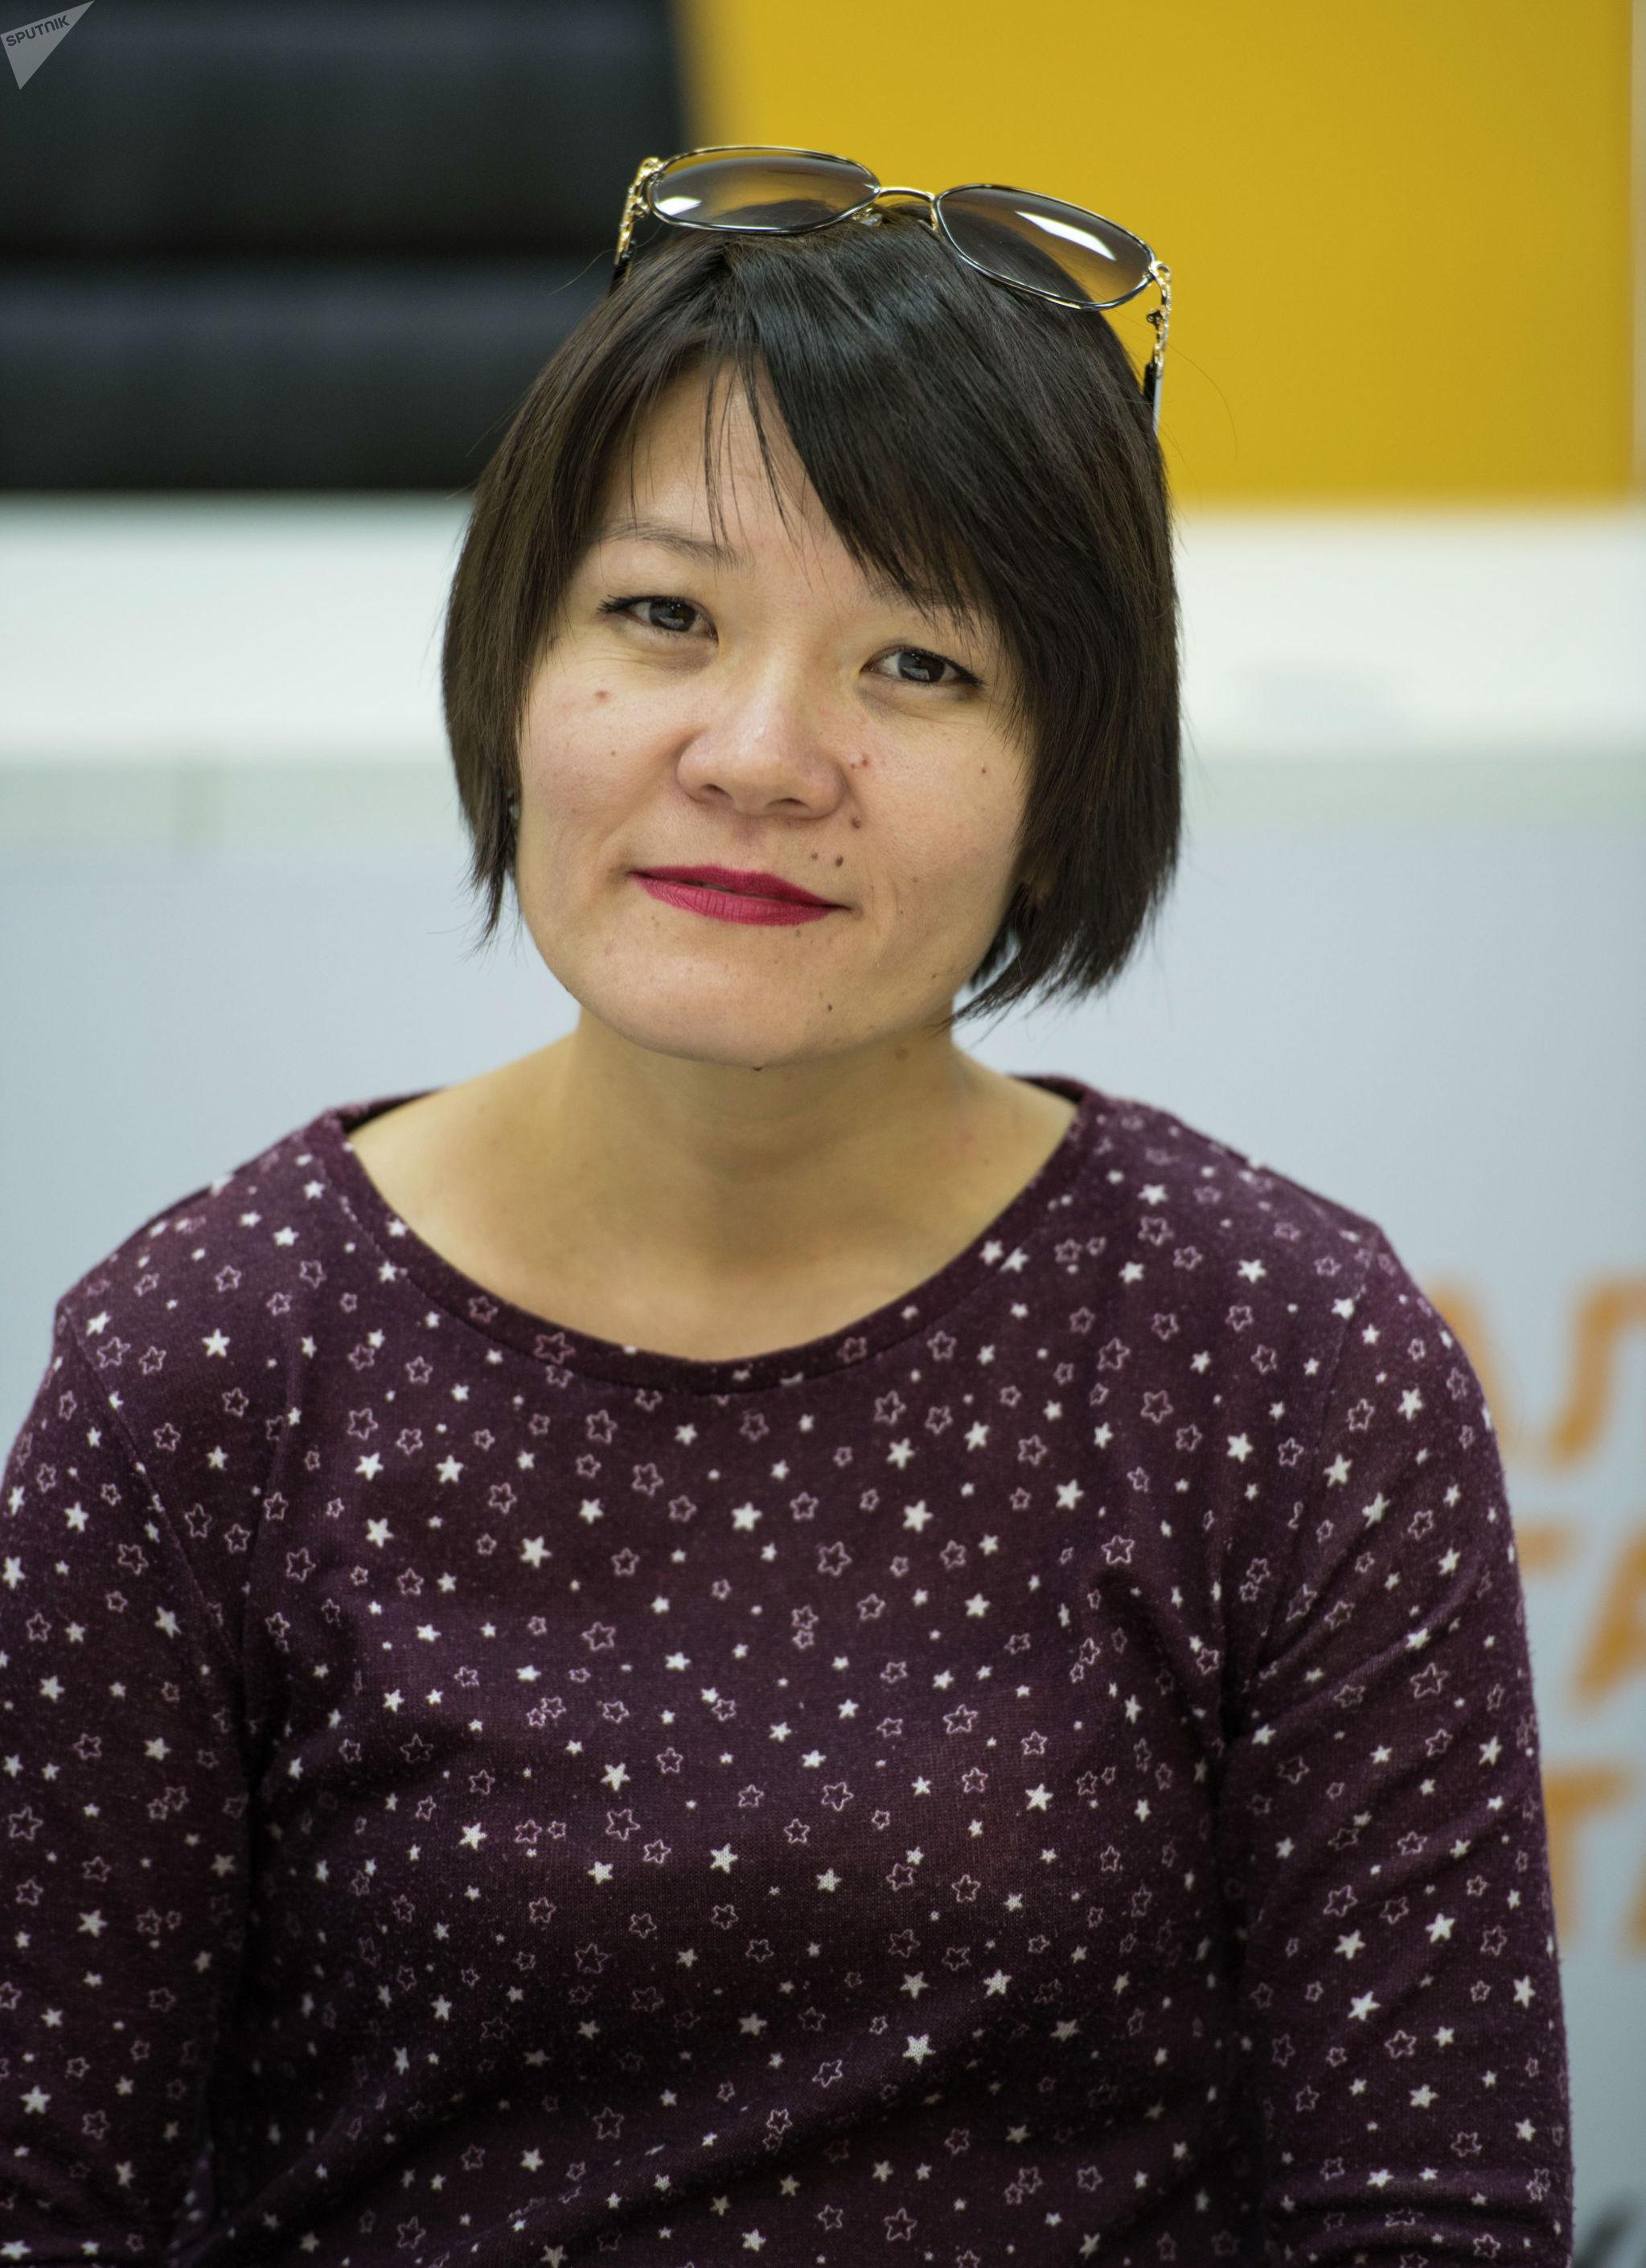 Предприниматель из Кыргызстана занимающаяся паратхэквондо паратхэквондо